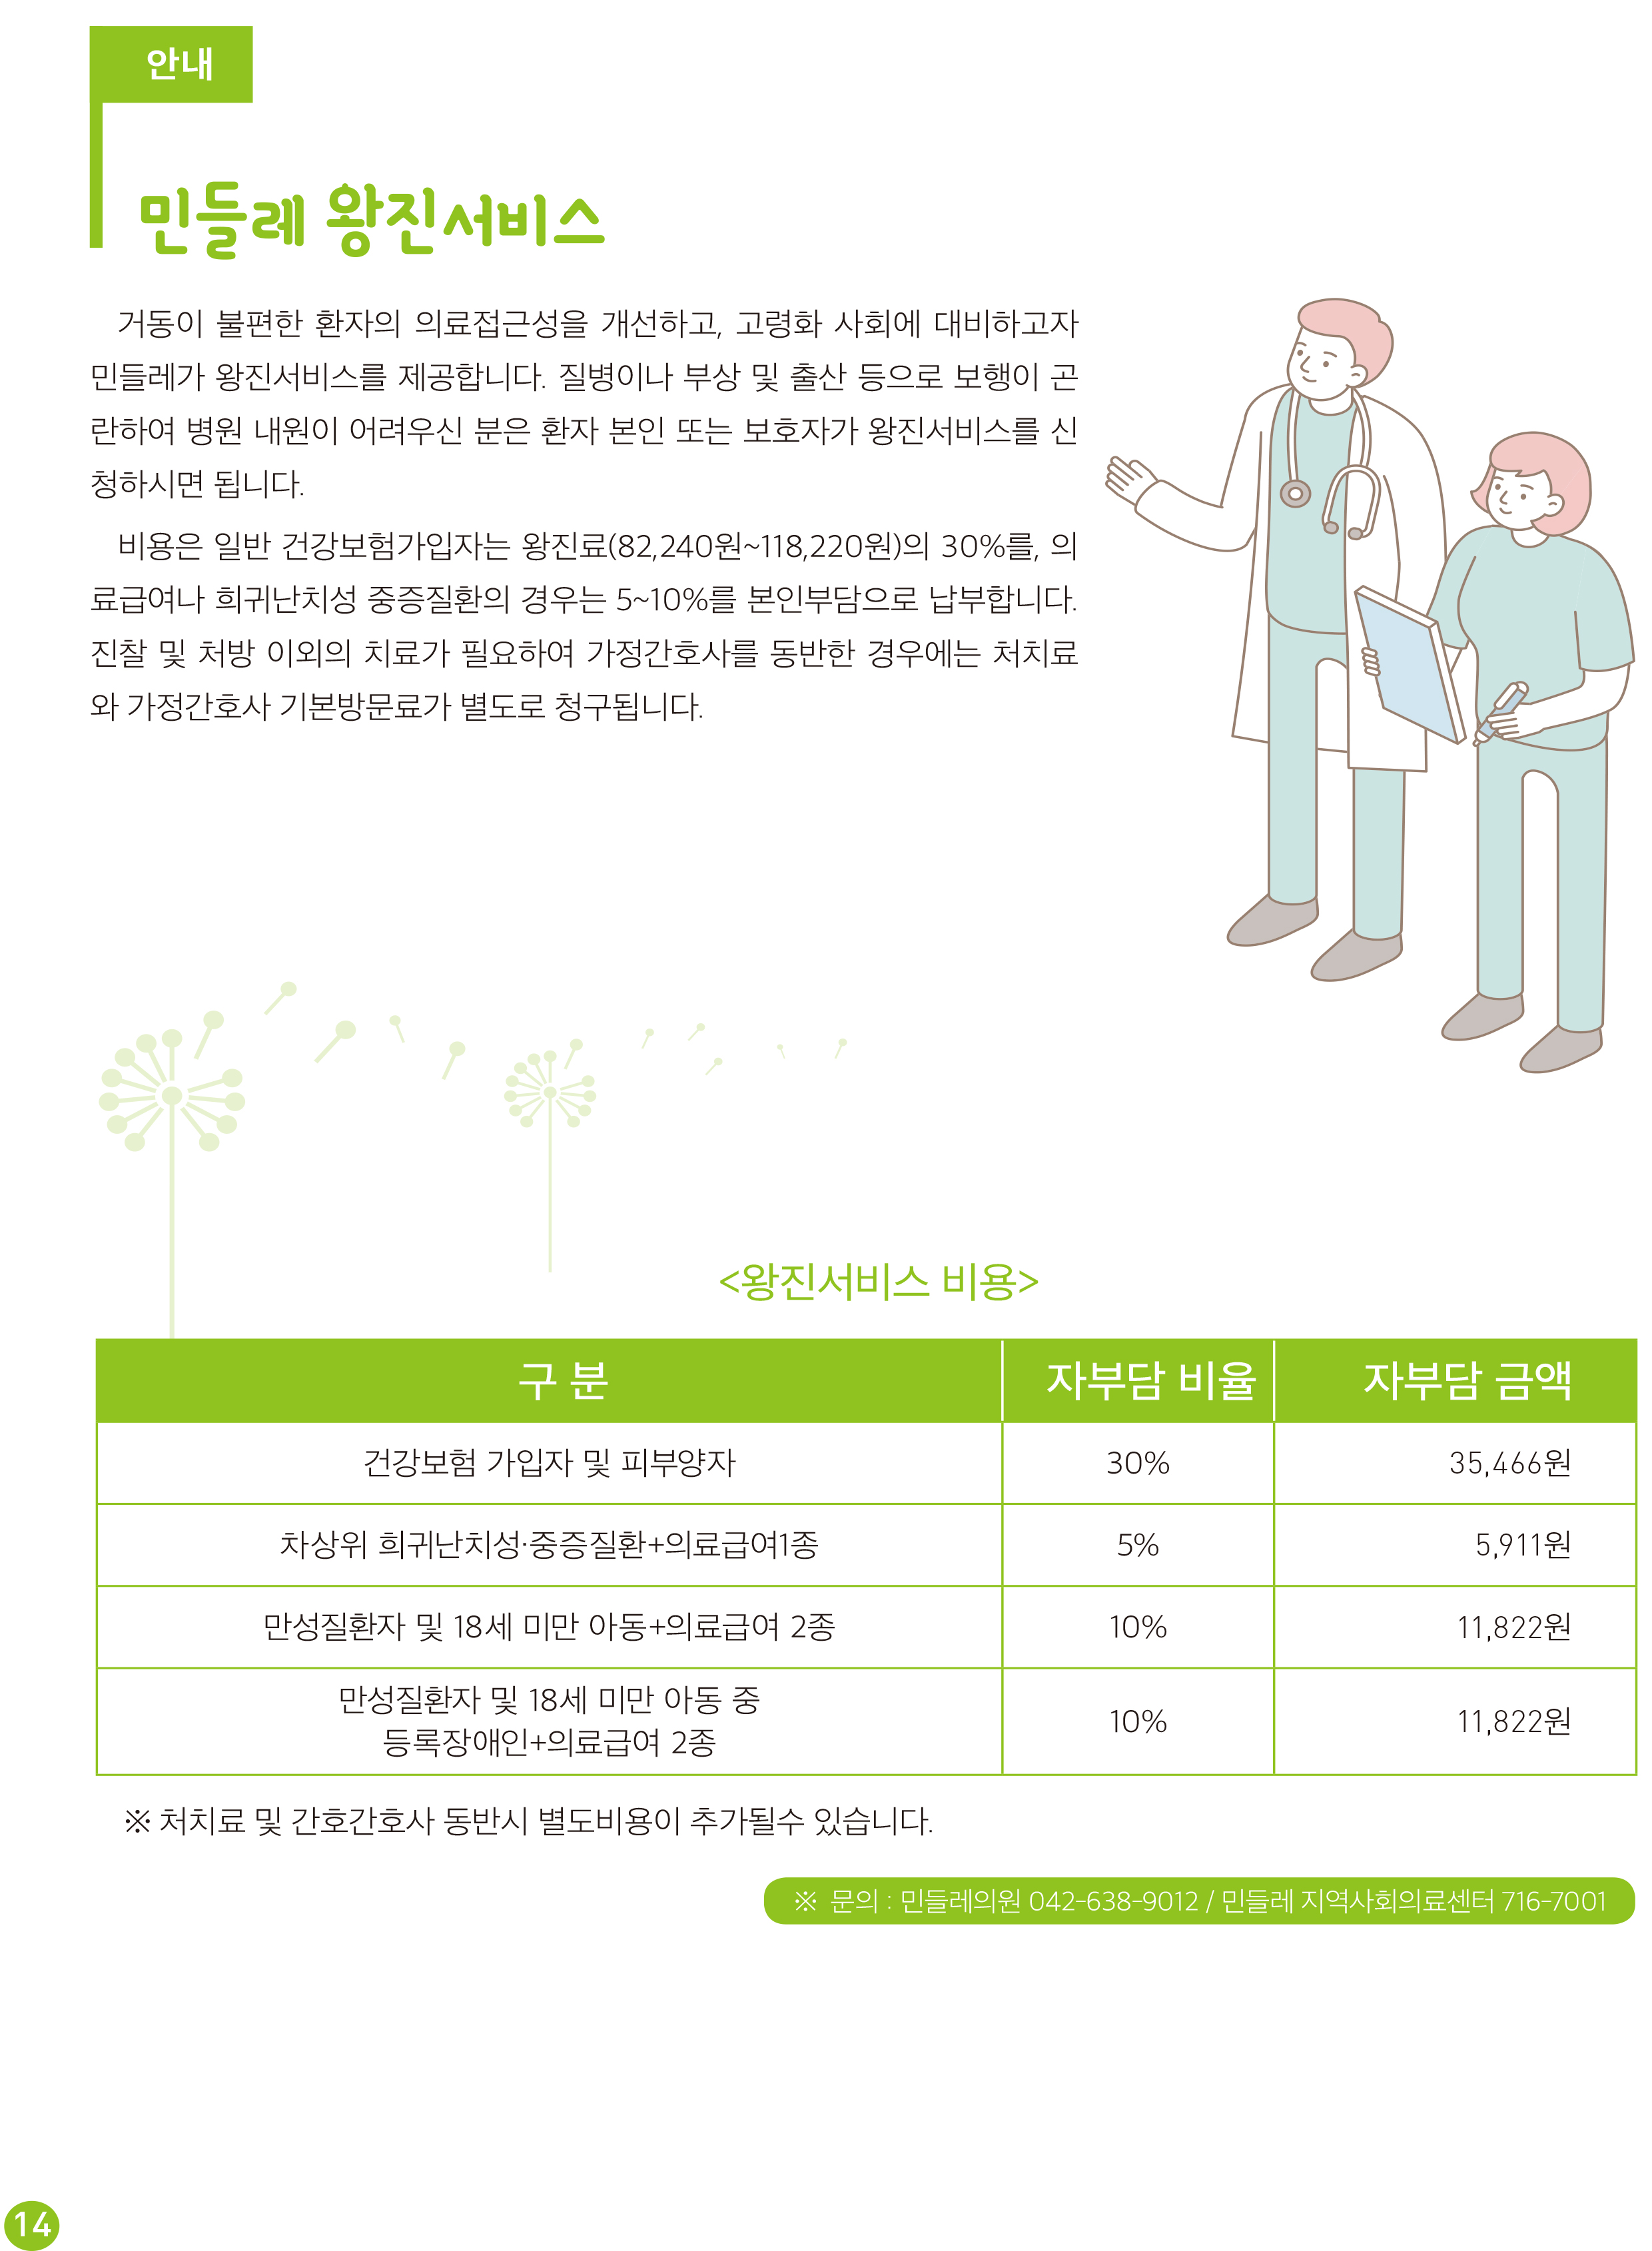 민들레 소식지 5월호 _ 시안(최종)-14.jpg